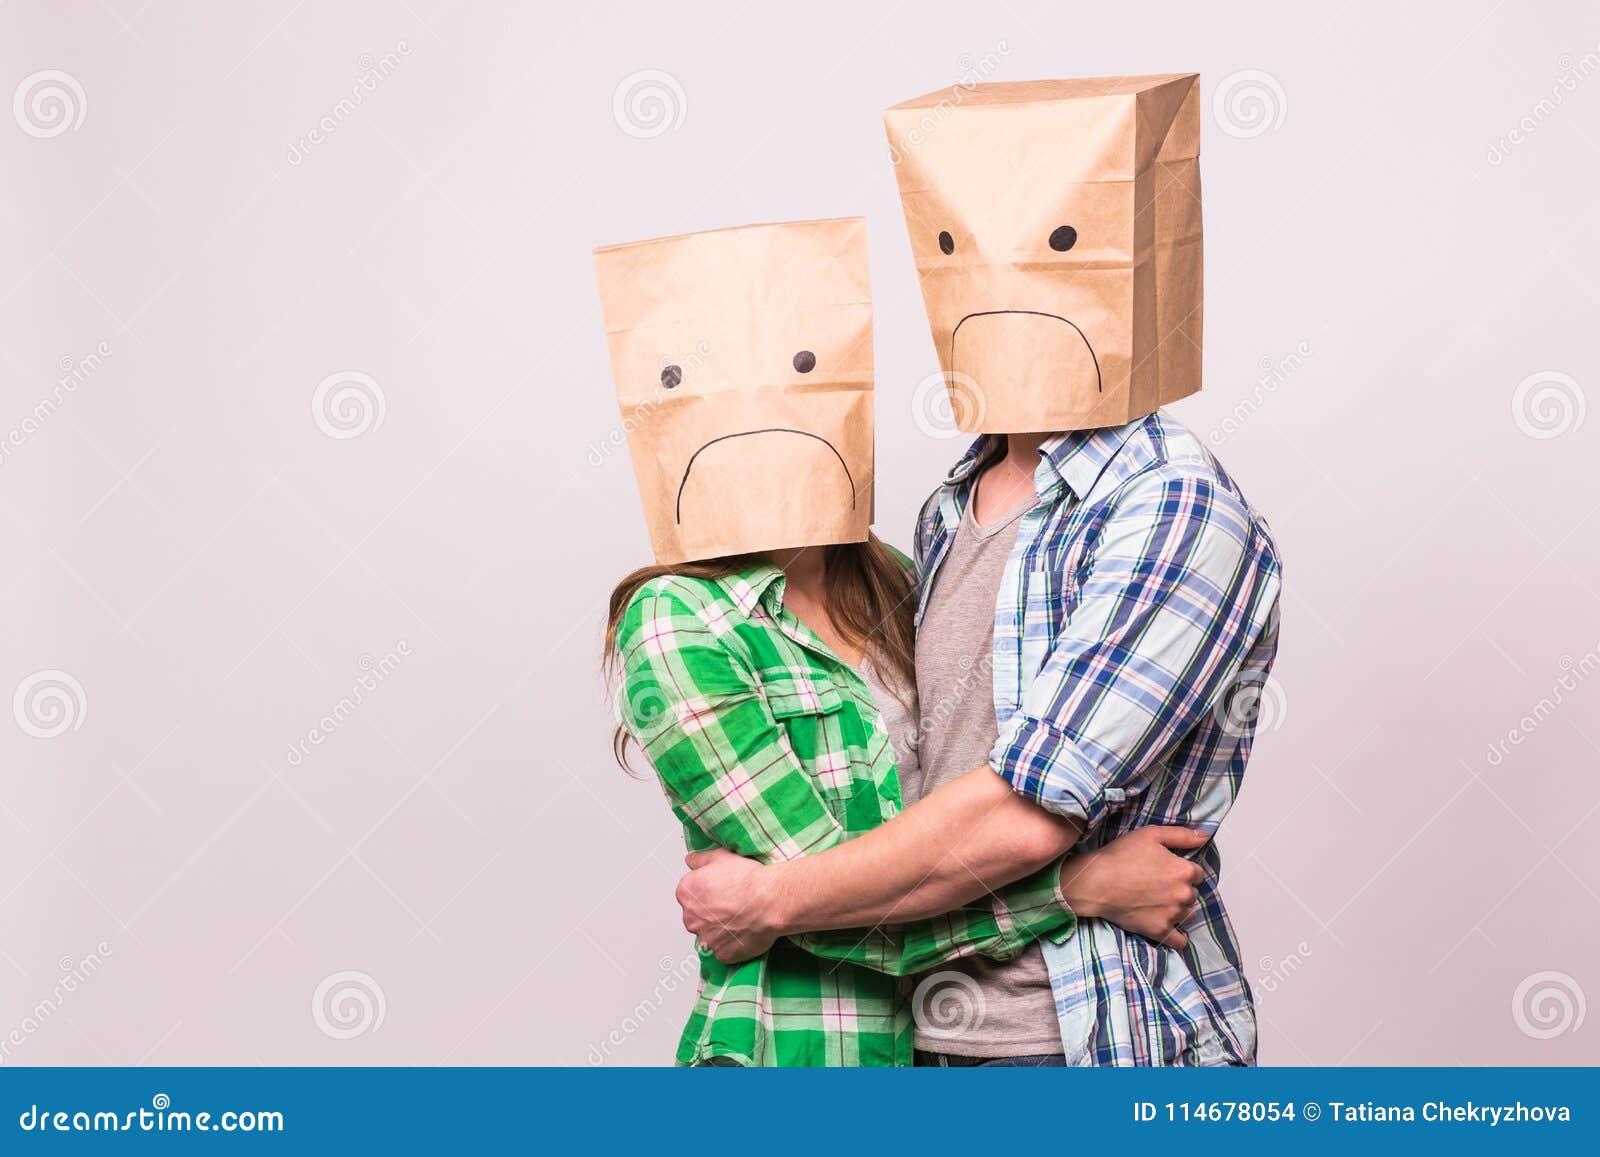 Liefde, familie en verhoudingsproblemenconcept - ongelukkig paar die hun droevige gezichten behandelen met document zak over wit